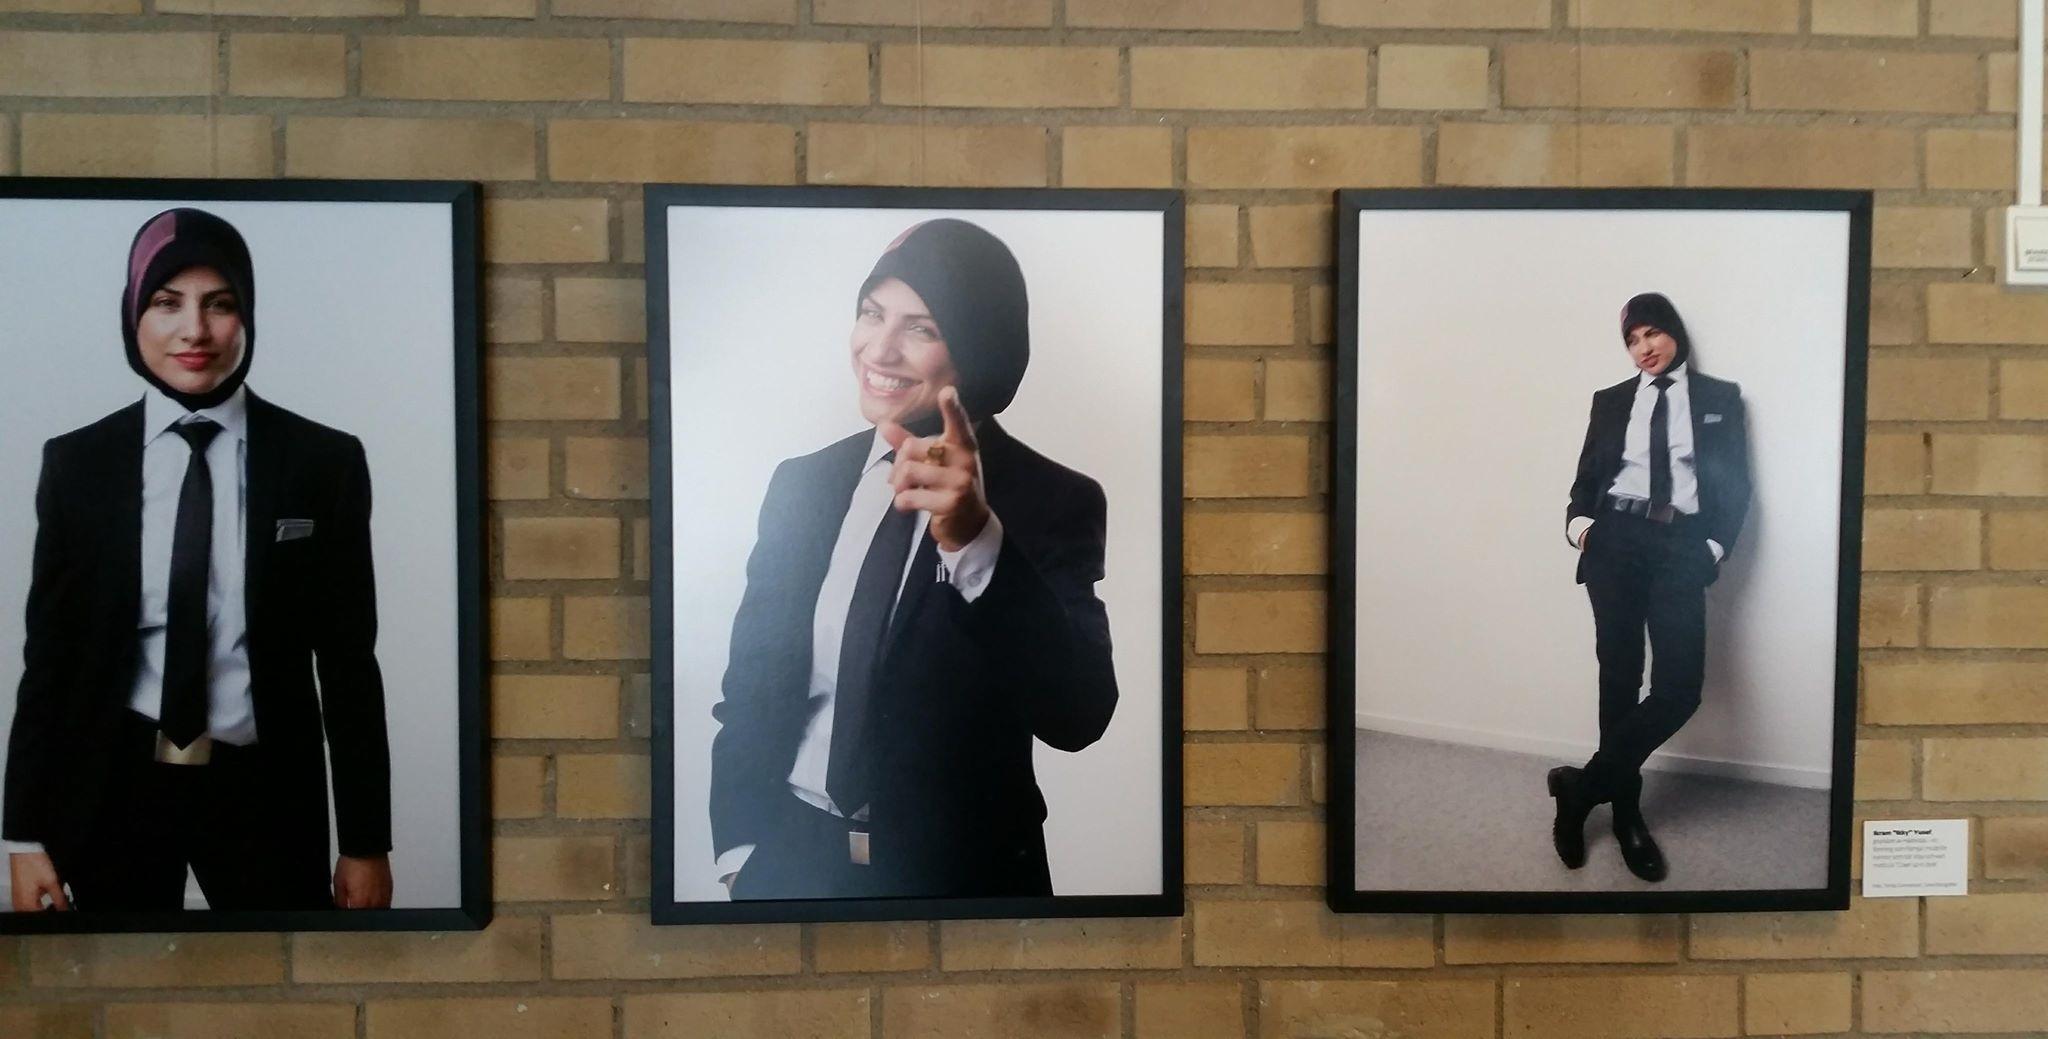 Foto: Läsarbild Hijabista